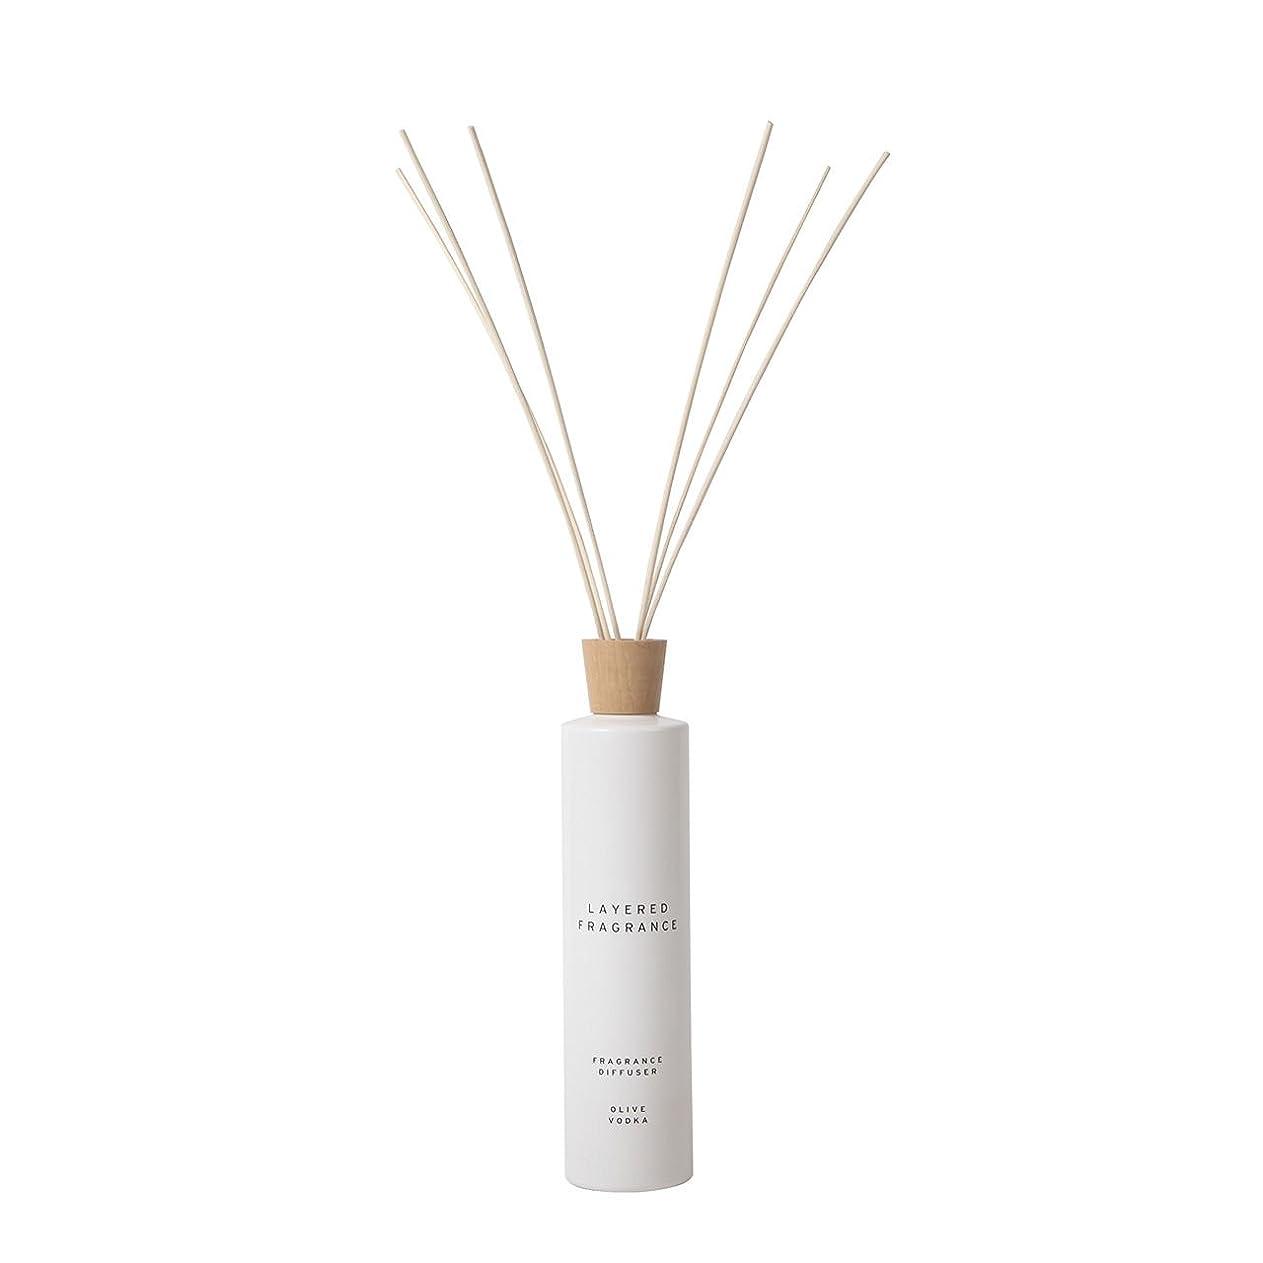 エミュレーションリス成分空間ごとに香りを使い分けて楽しむ レイヤードフレグランス フレグランスディフューザー オリーブウォッカ 500ml